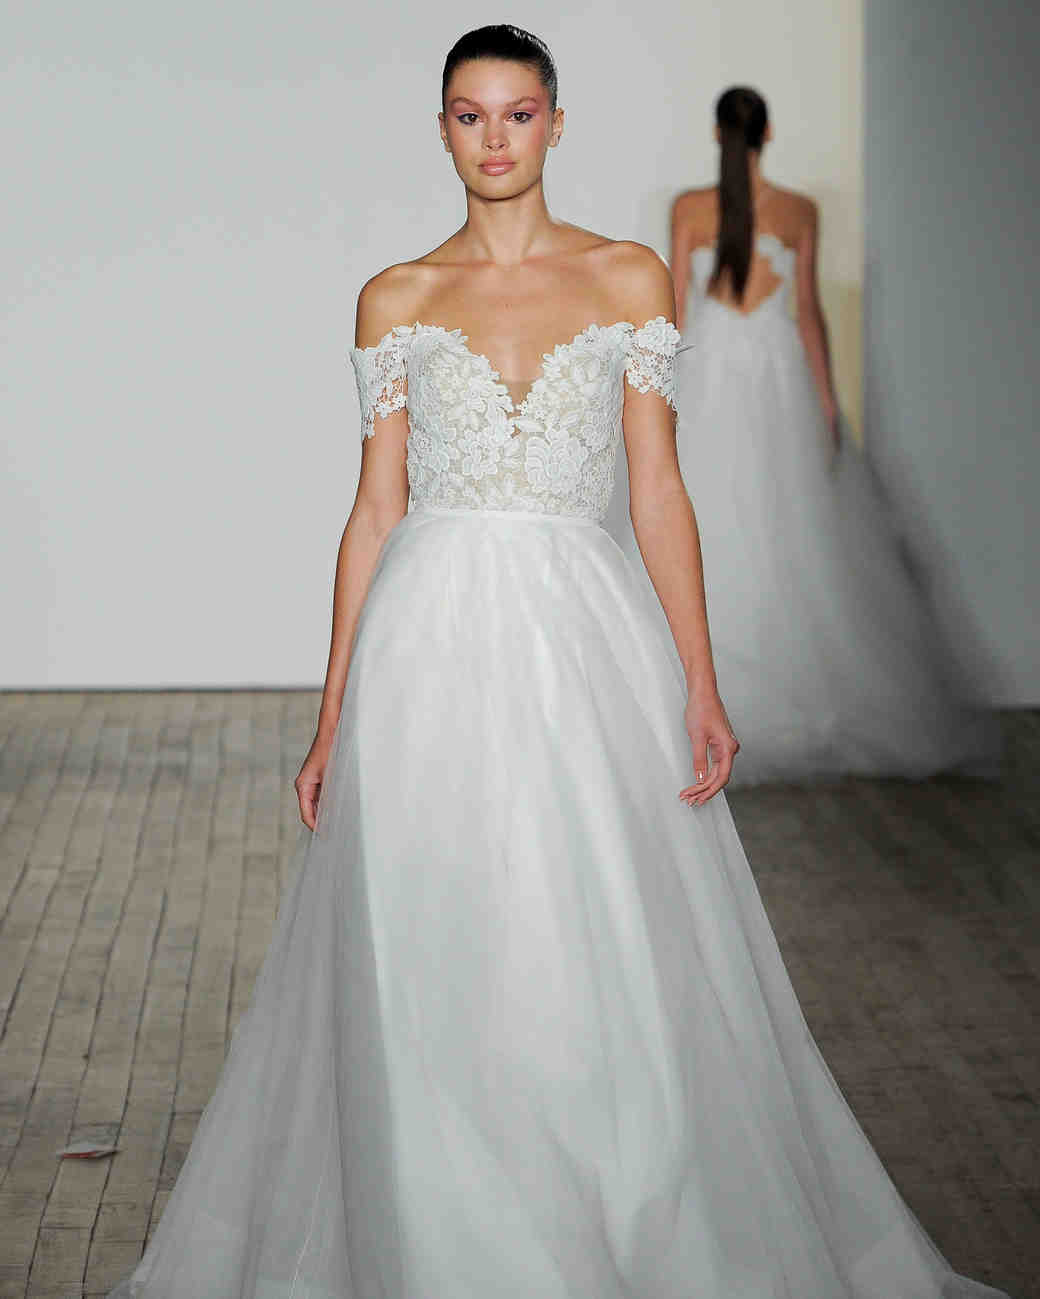 d8c26710a Blush by Hayley Paige Fall 2019 Wedding Dress Collection | Martha Stewart  Weddings